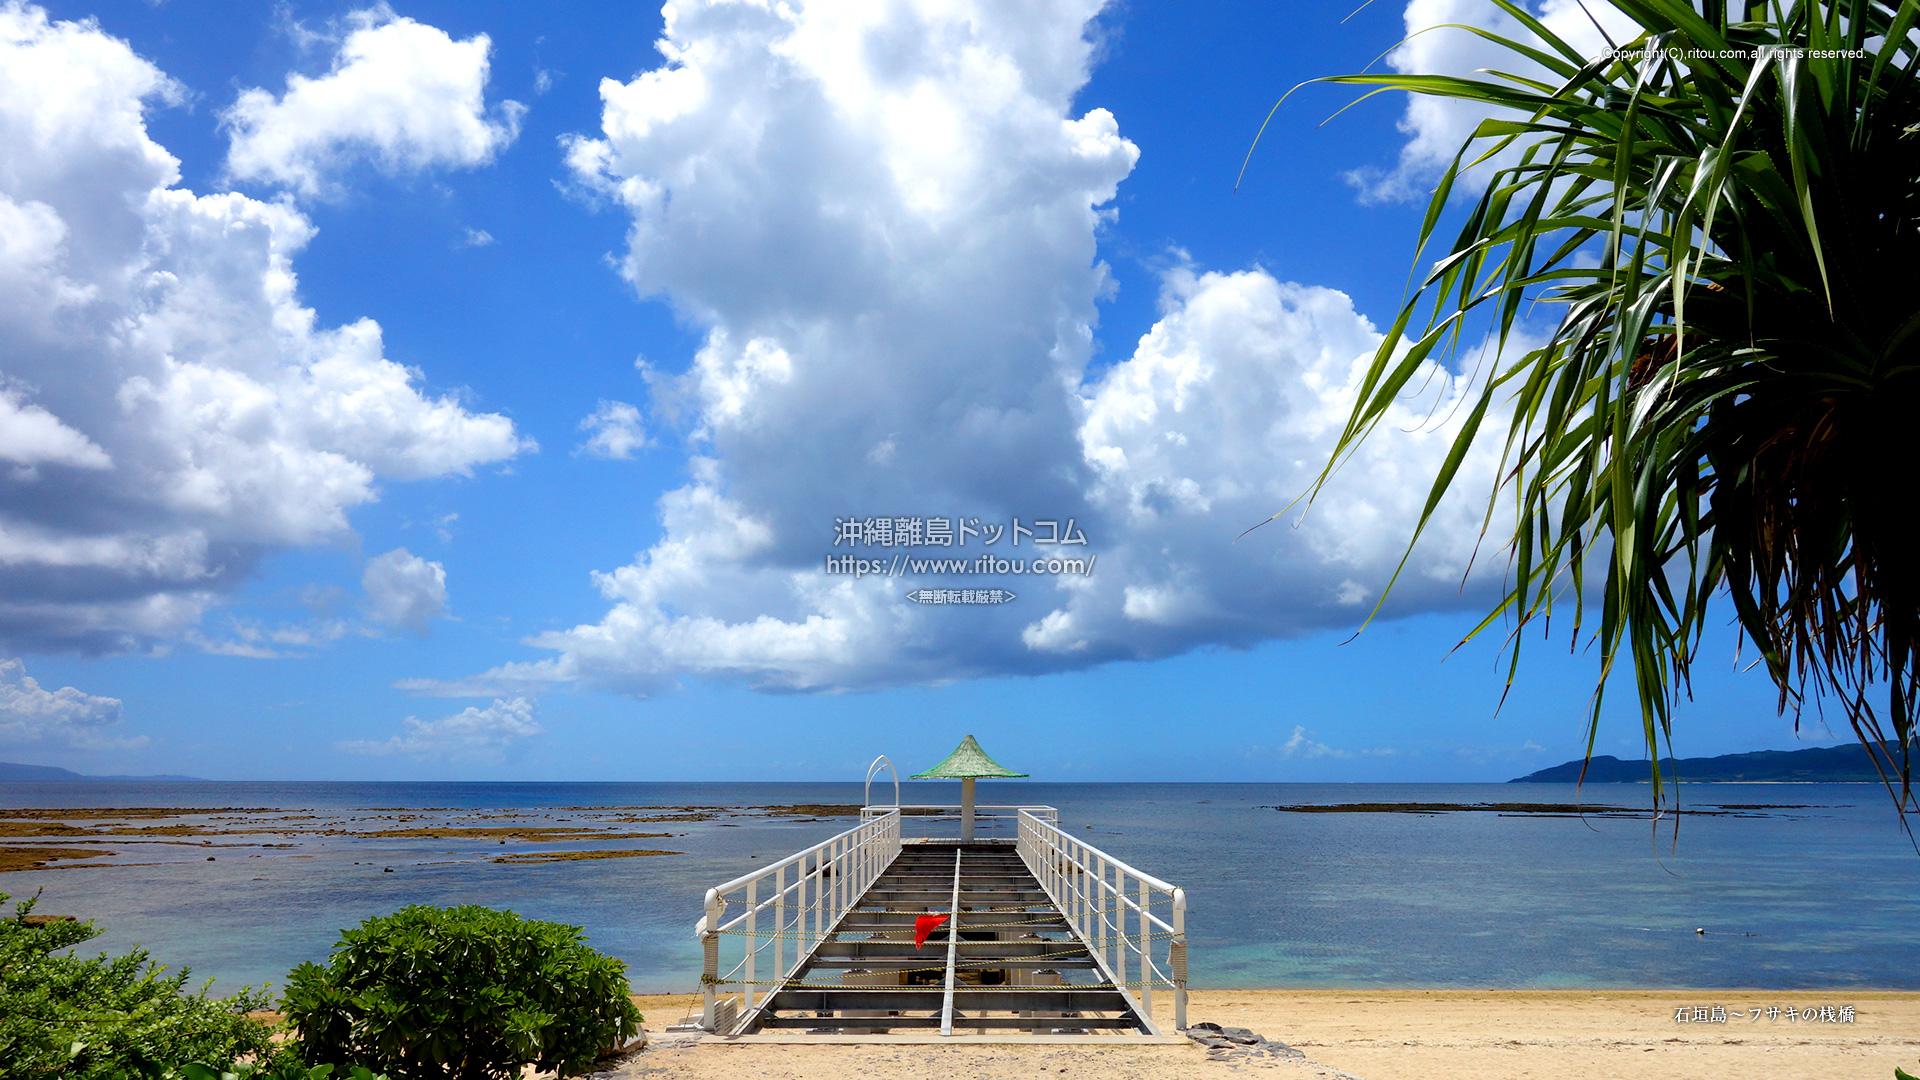 石垣島〜フサキの桟橋